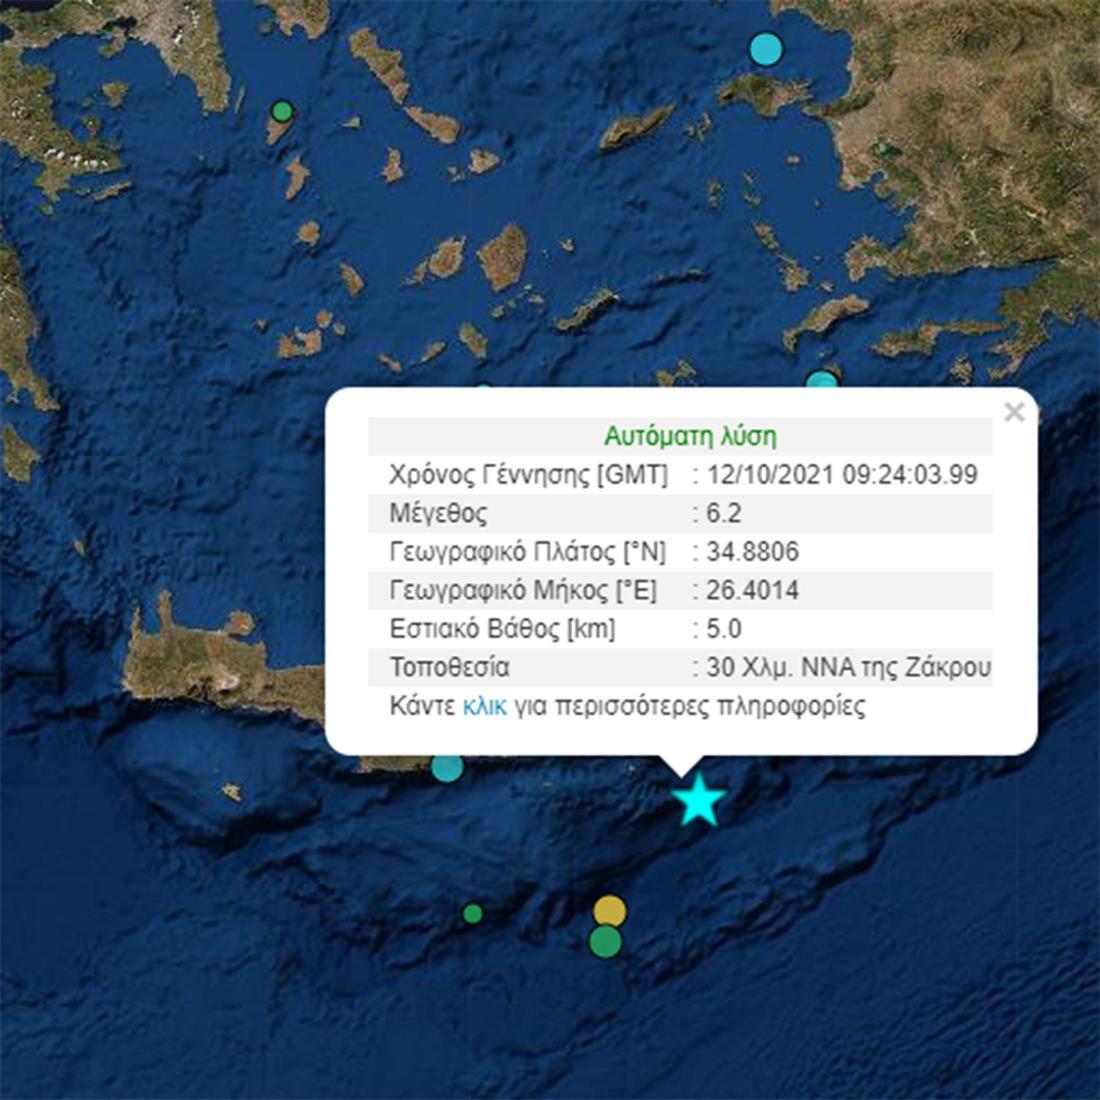 Σεισμός - Κρήτη - Ζάκρος